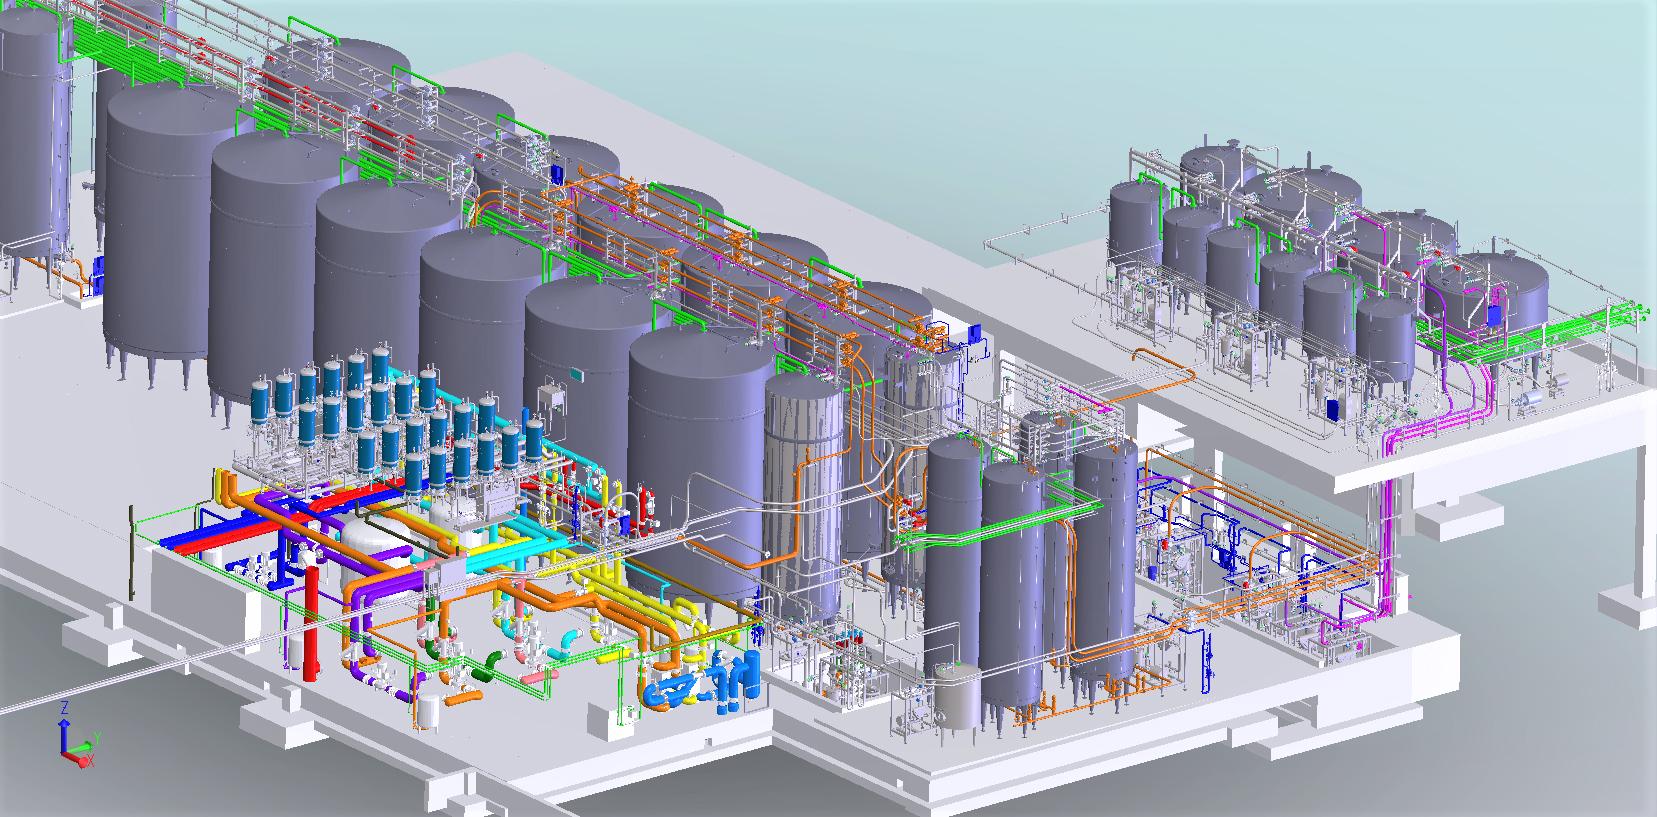 Hall réception préparation usine embouteillage<br>Implant. générale/dossier d'exé. lot tuyauteries